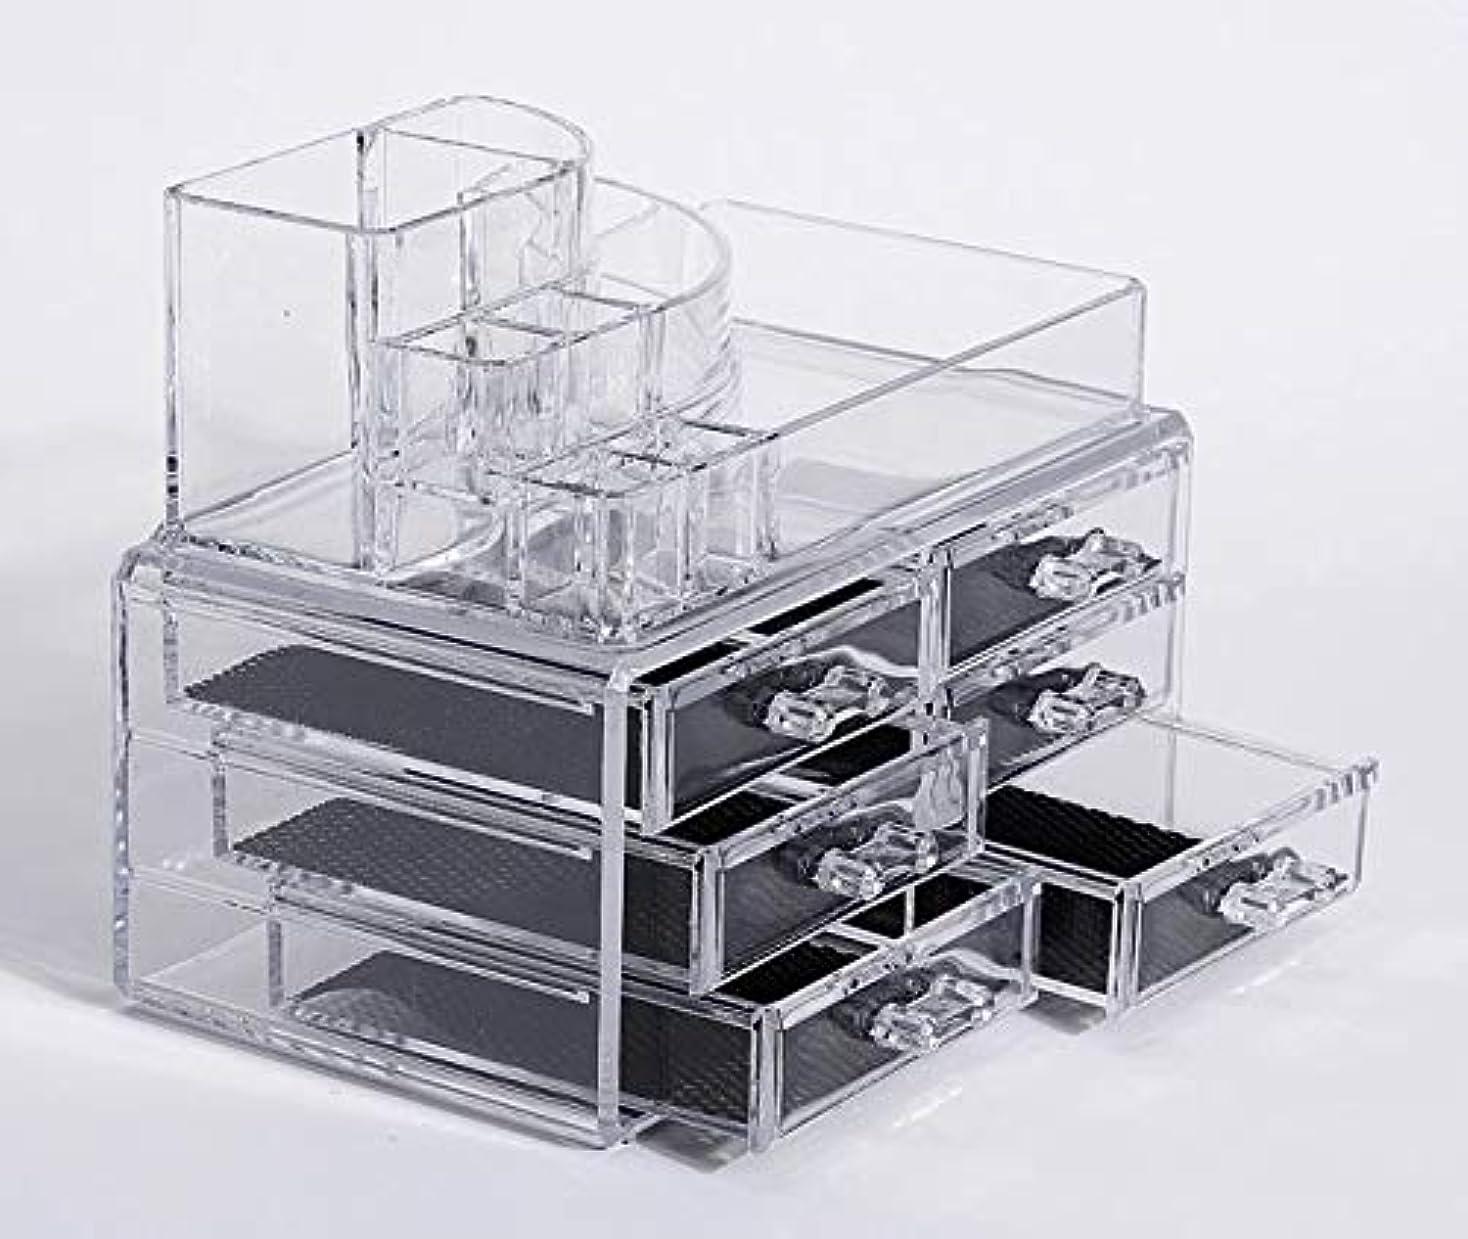 硬い上へ悪化させる化粧品収納ボックス メイクボックス 化粧品 収納 ニオイなし 騒音なし 防塵 高透明度 強い耐久性